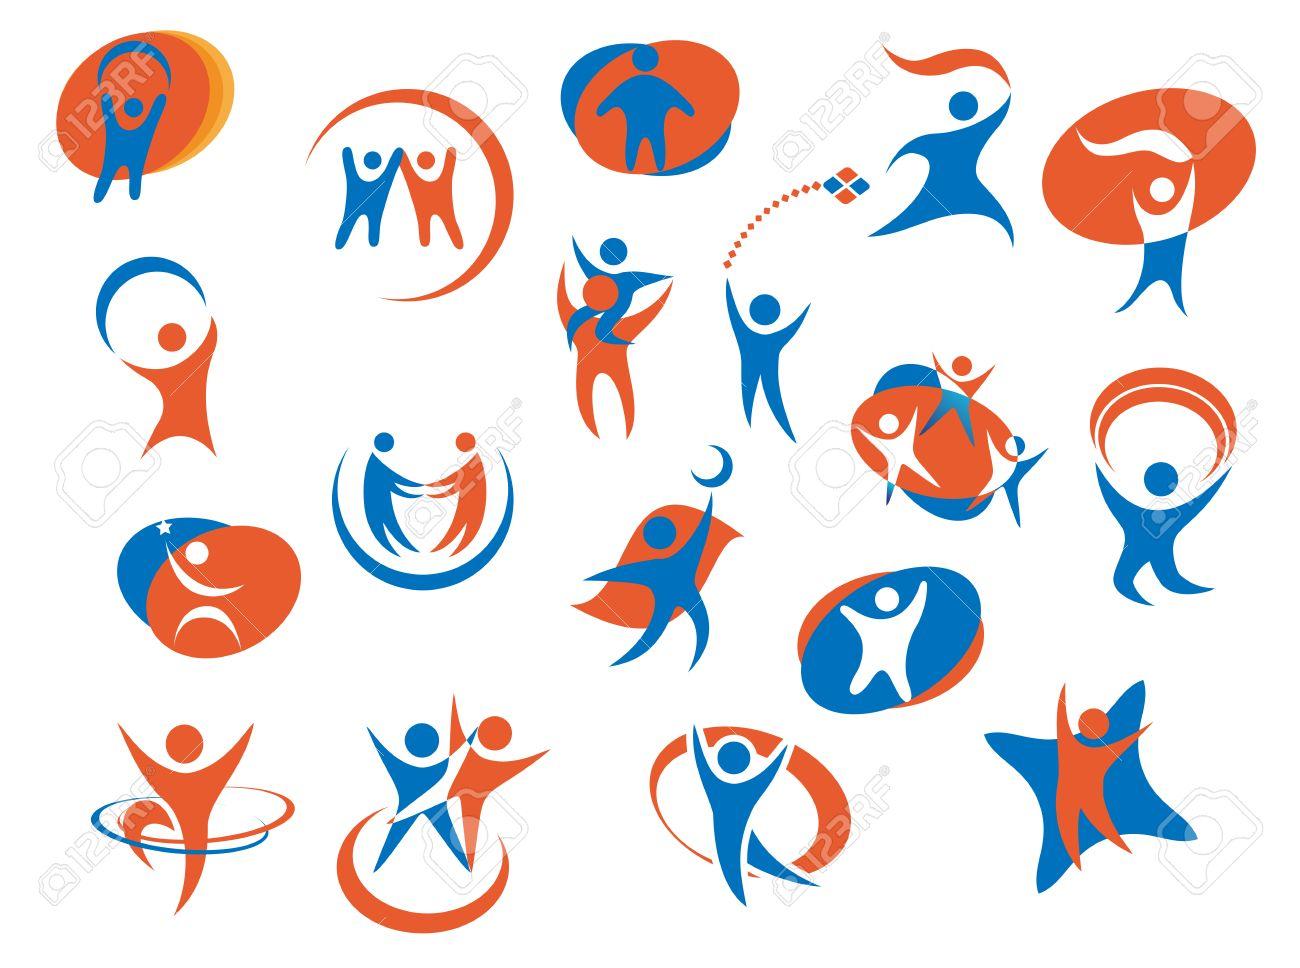 Abstrakt Menschen Silhouette Icons Oder Logo Vorlagen In Blau Und Orange  Farben Für Wirtschaft,